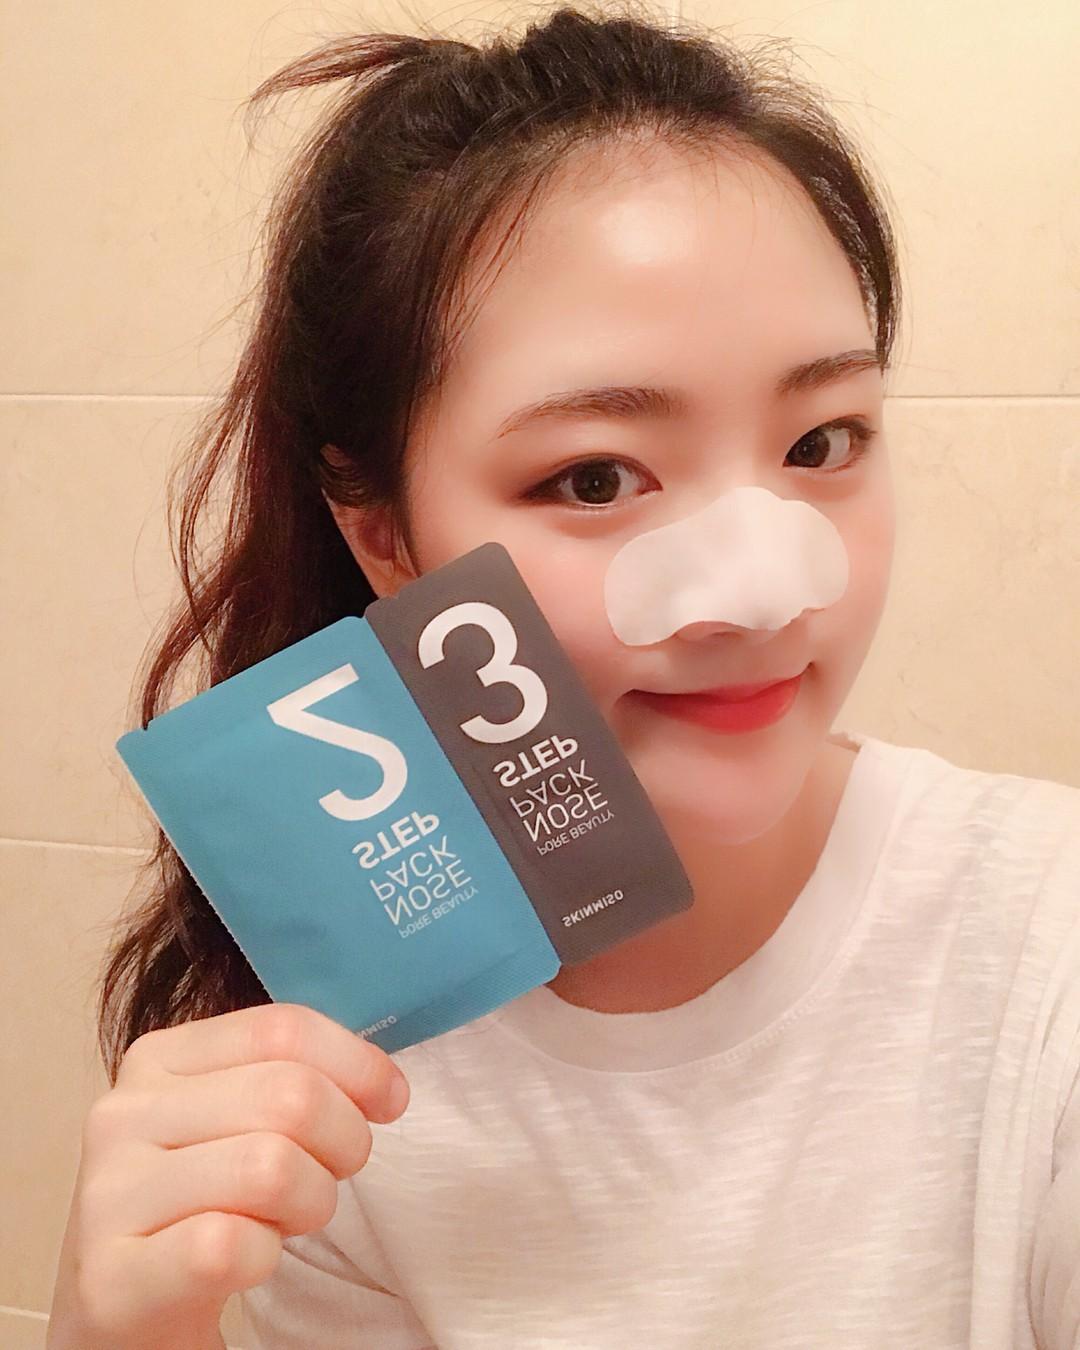 Hội con gái Hàn chỉ tin dùng 5 sản phẩm này để trị sạch đám mụn đầu đen xấu xí - Ảnh 8.